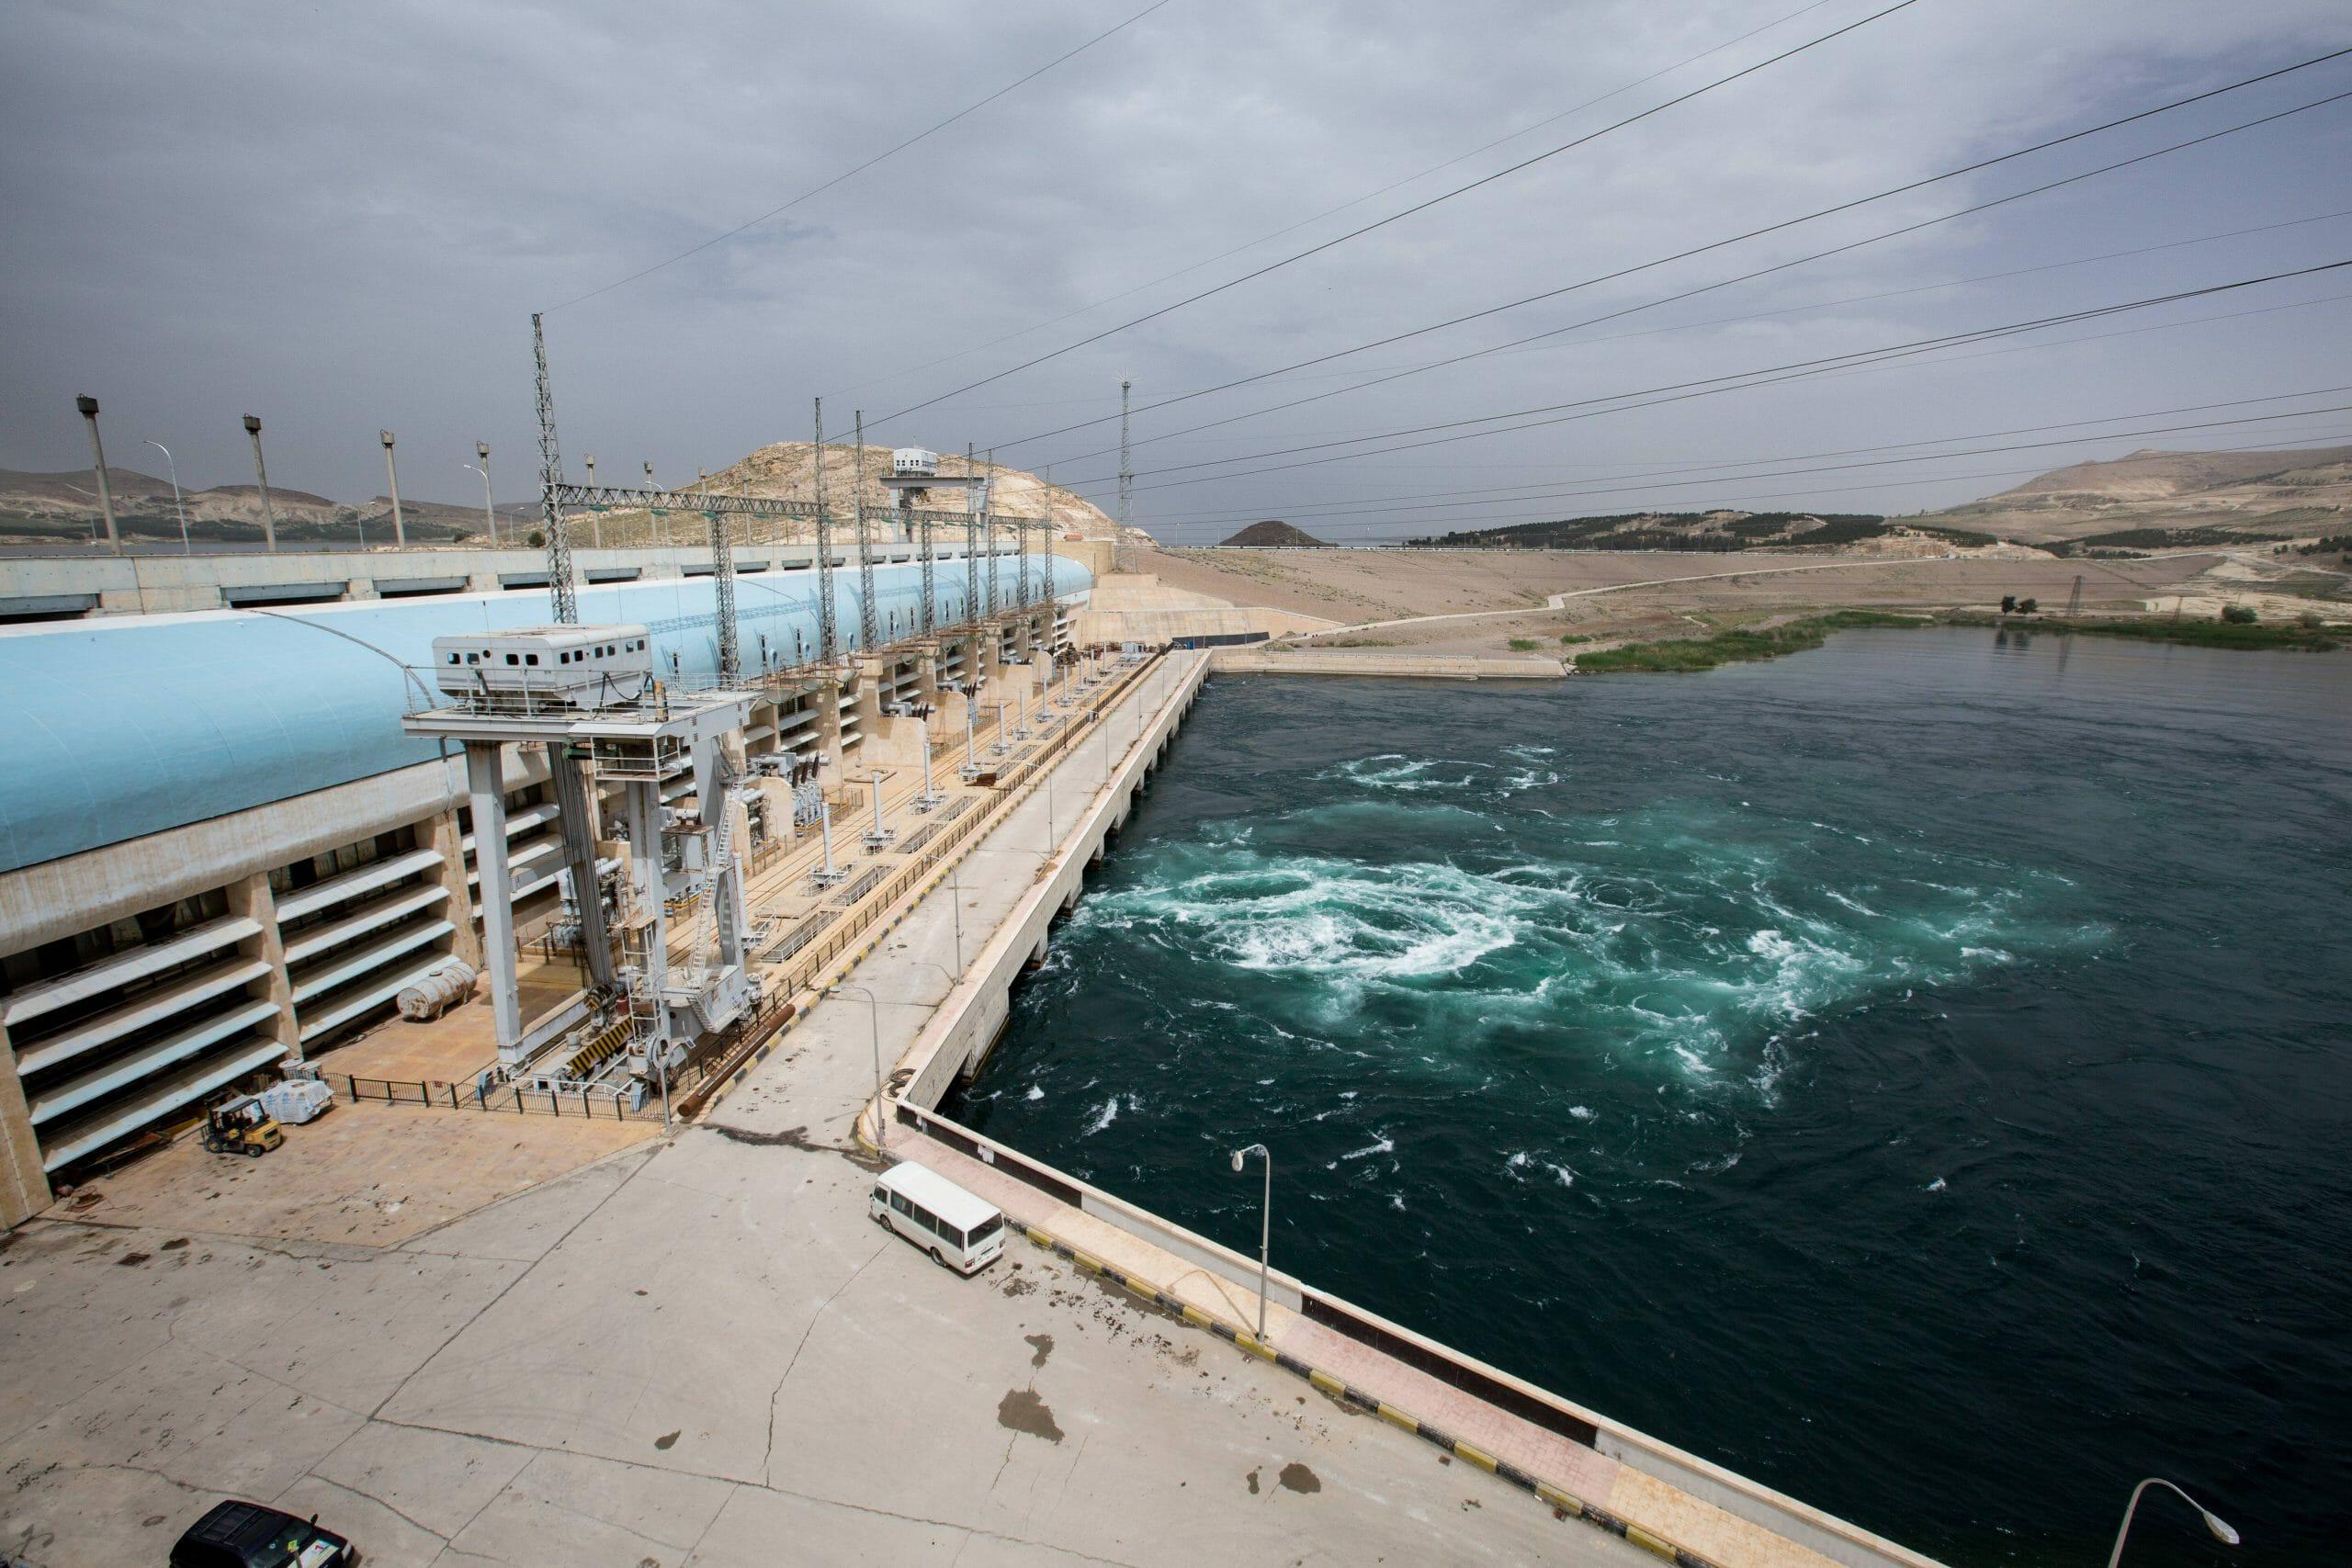 Die Türkei kontrolliert u.a. den Tishreen-Staudamm am Euphrat in Syrien. (imago images/Sebastian Backhaus)